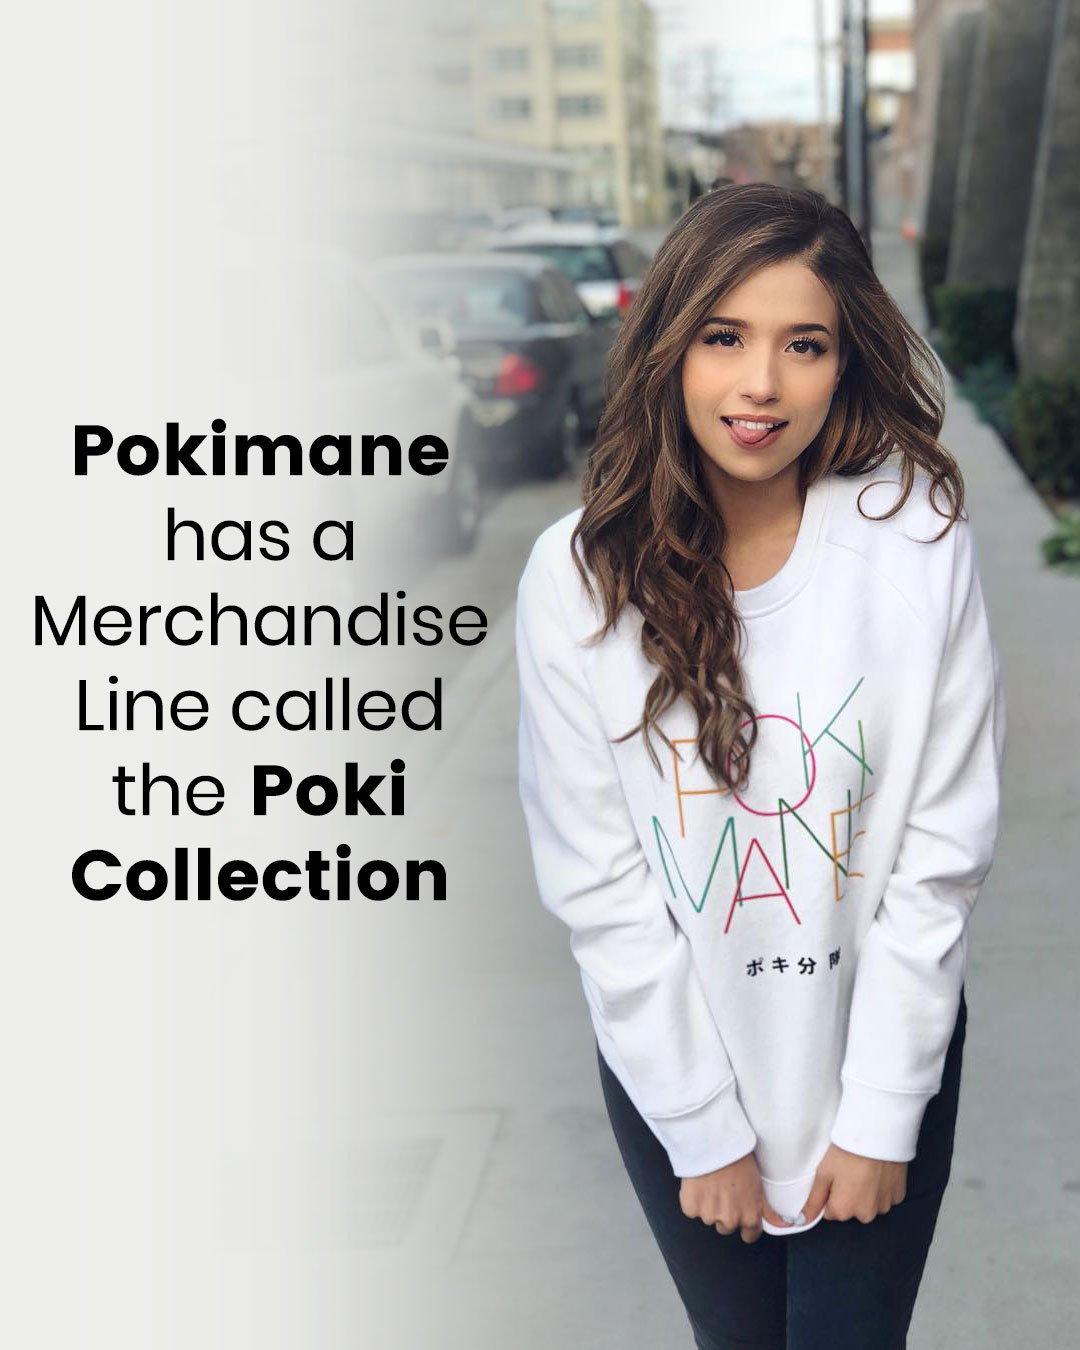 Pokimane has a Merchandise Line